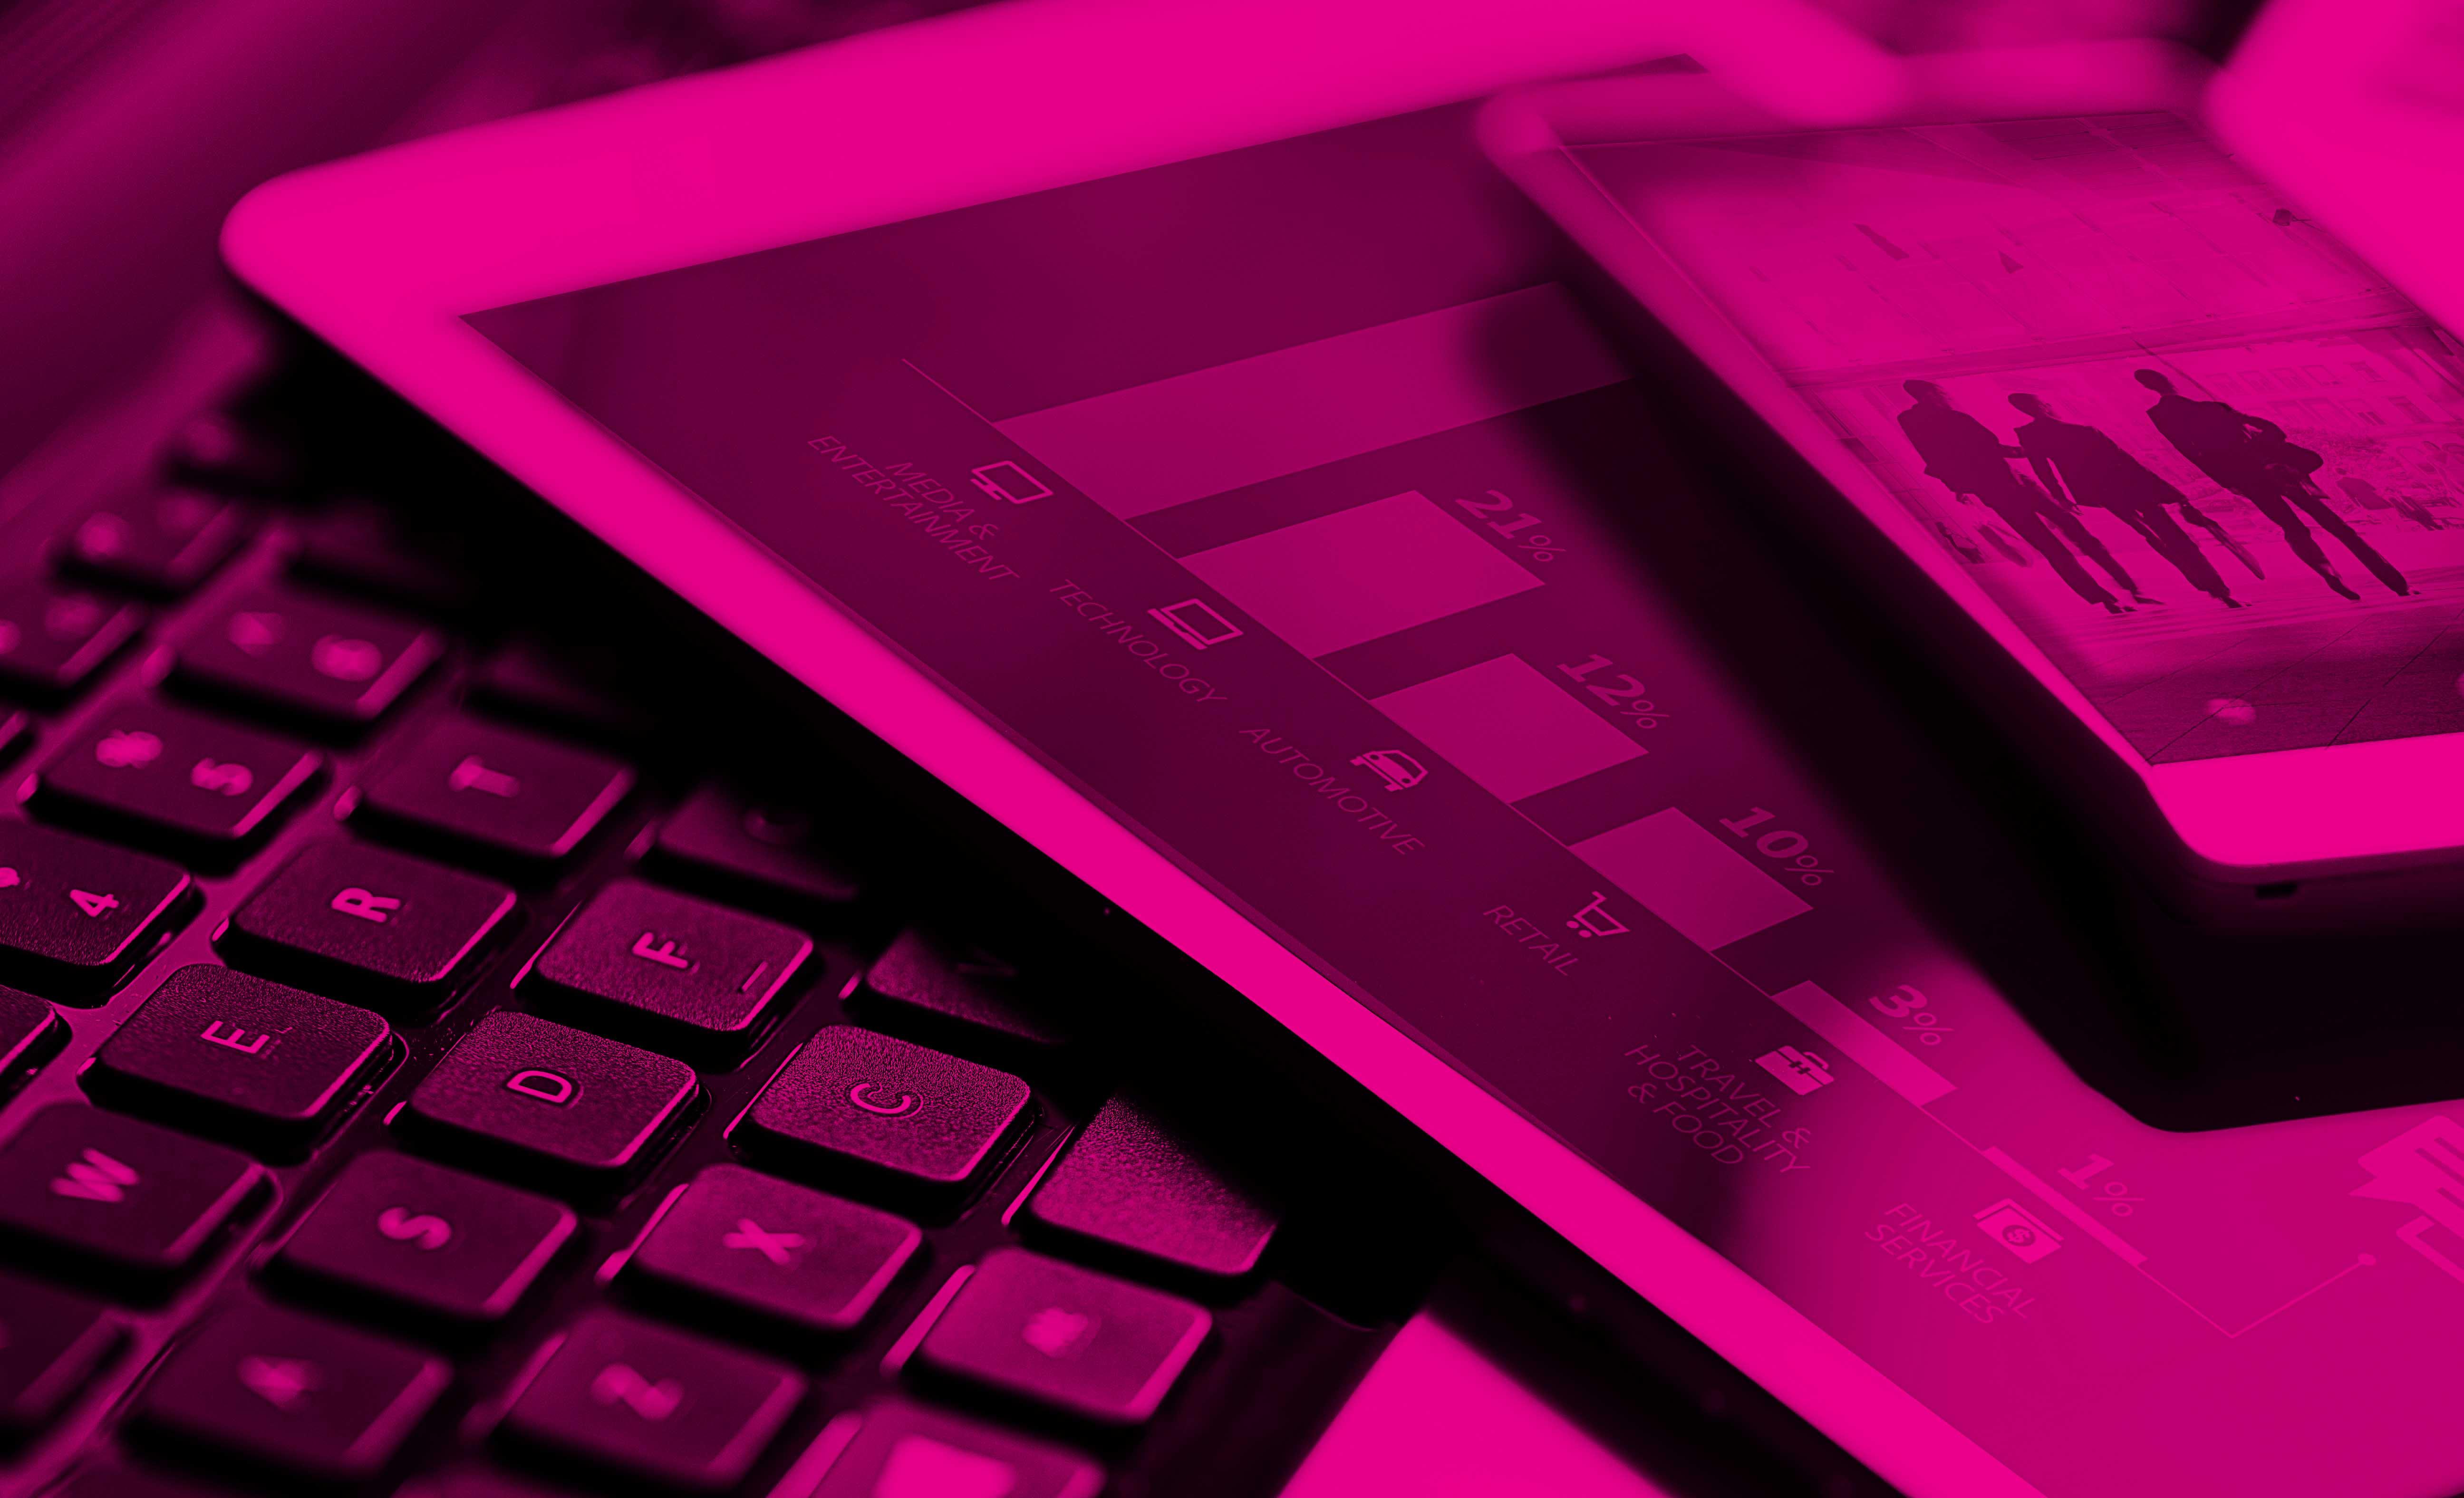 Mobile_Tablet_Keyboard_Screen_Pink.jpg